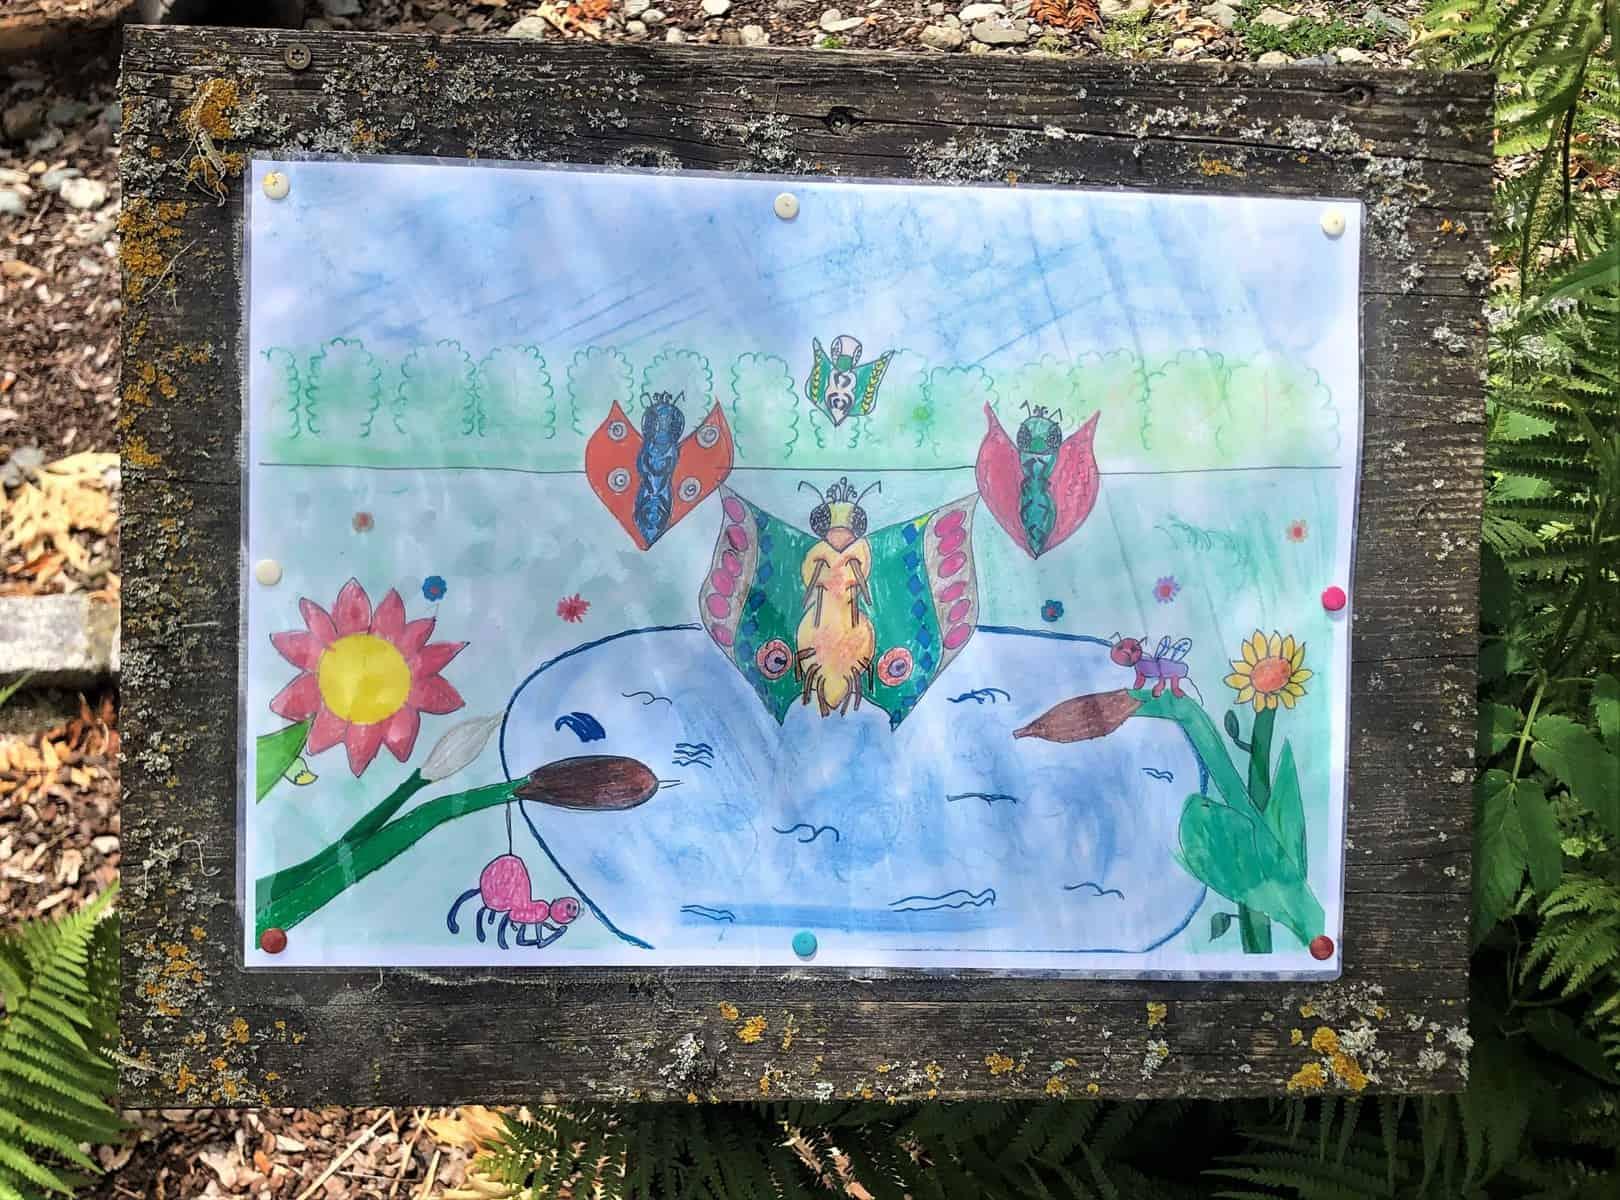 Kreativität zu Gunsten der Artenvielfalt